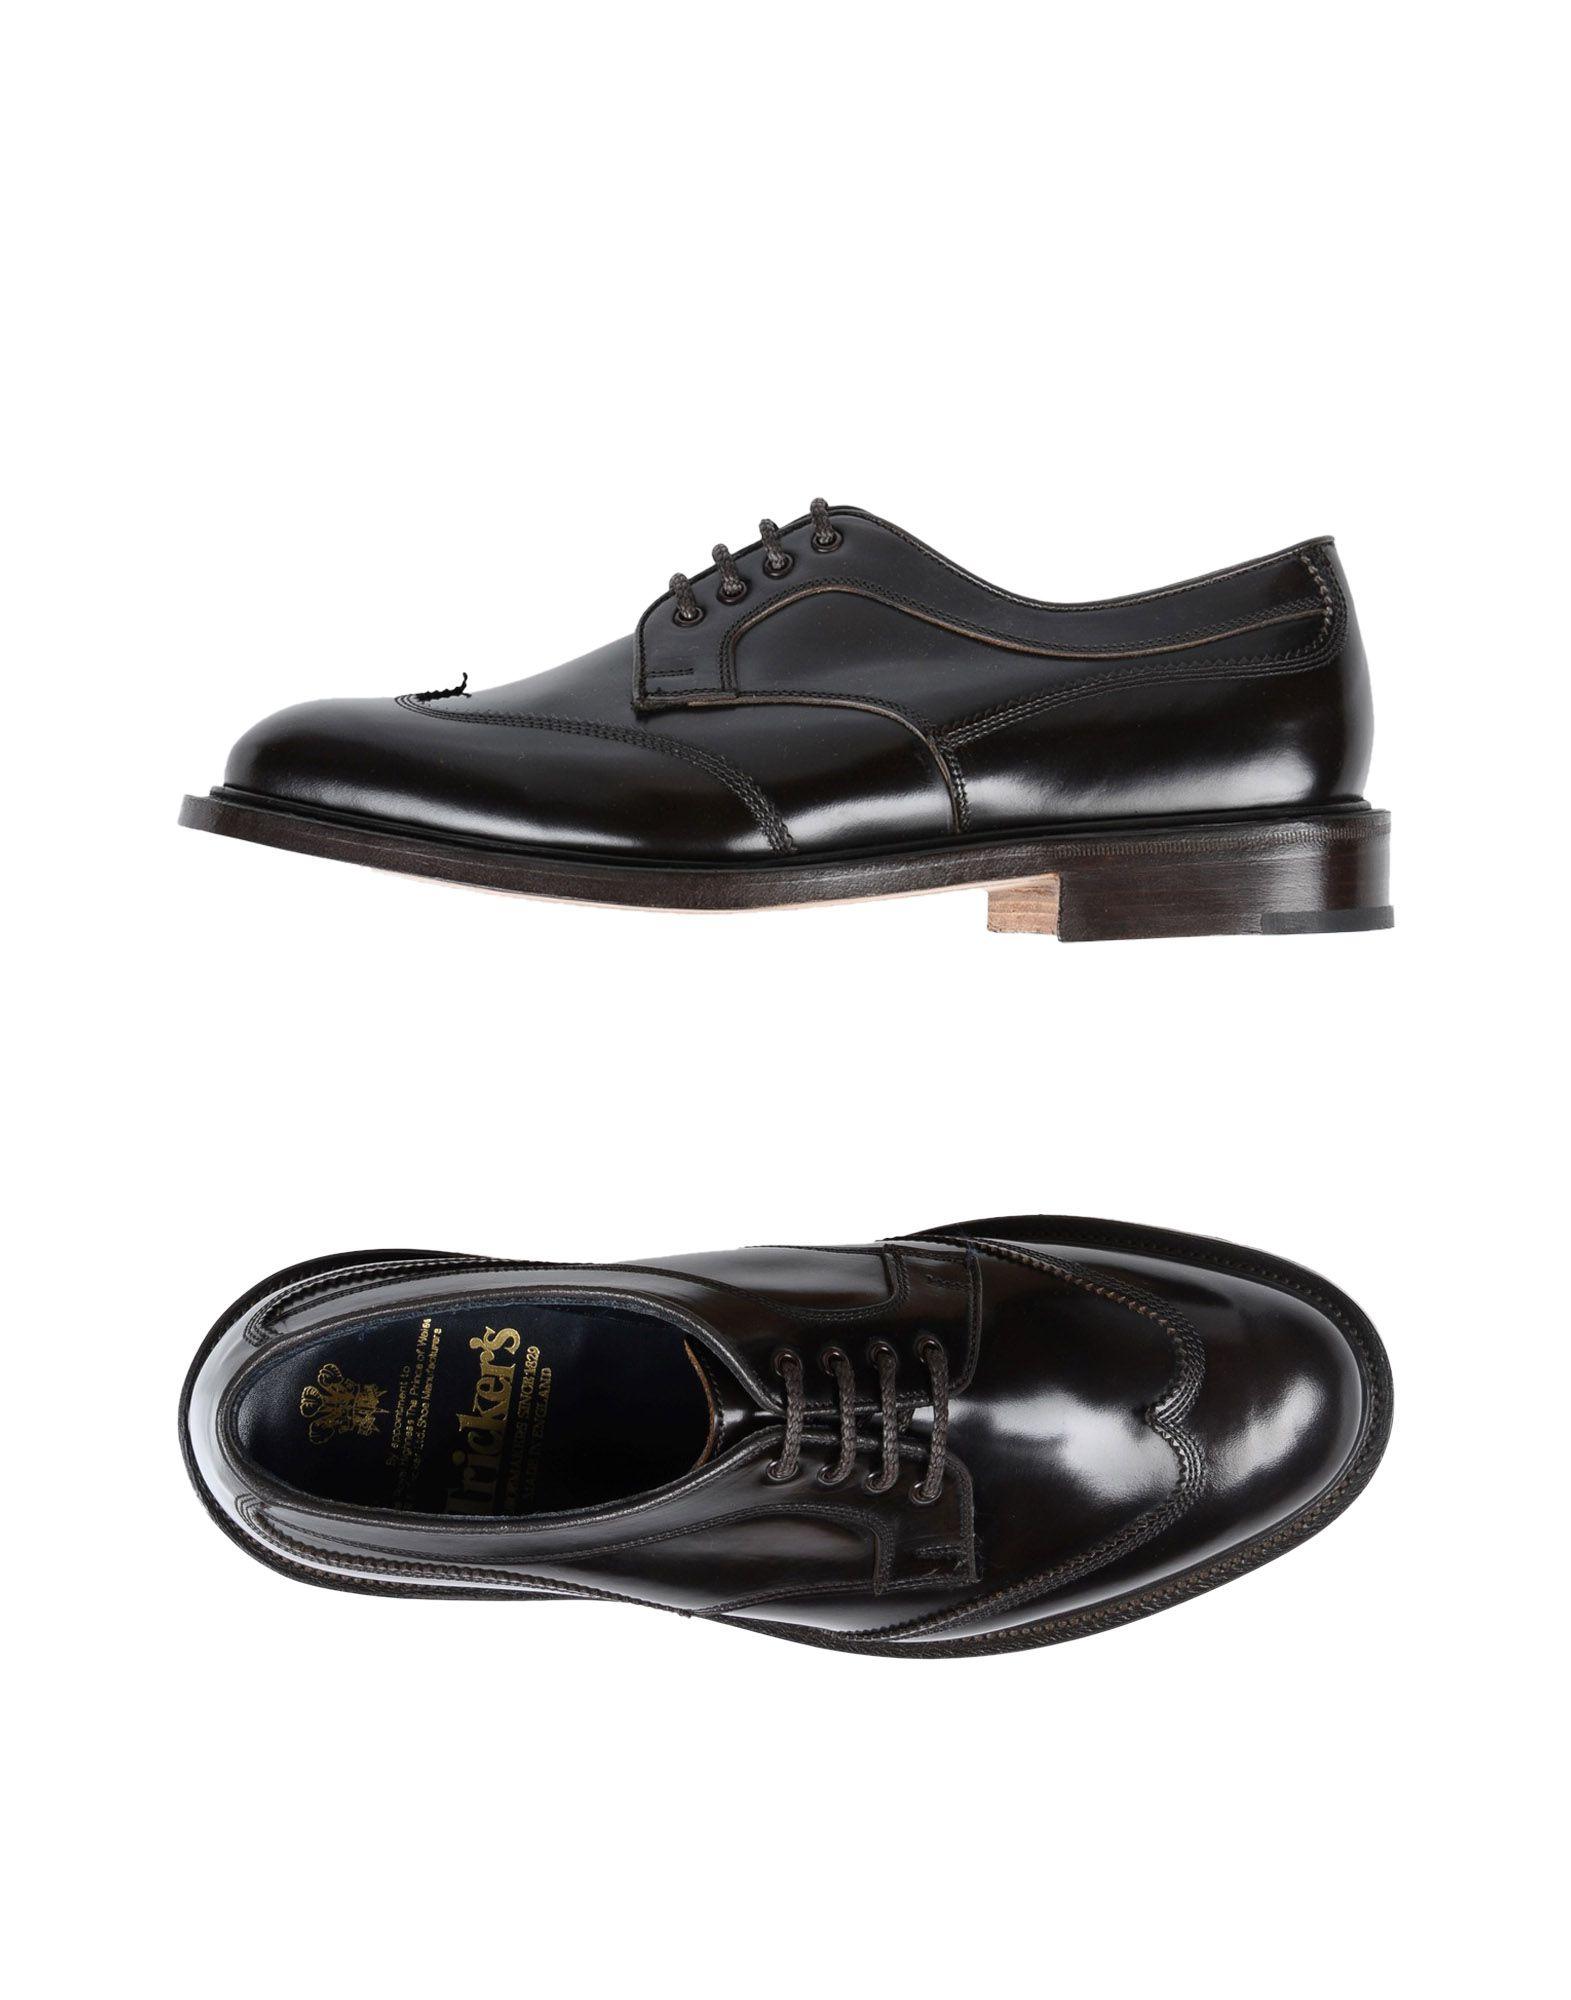 Tricker's Schnürschuhe Herren beliebte  11511495AH Gute Qualität beliebte Herren Schuhe 05b44b